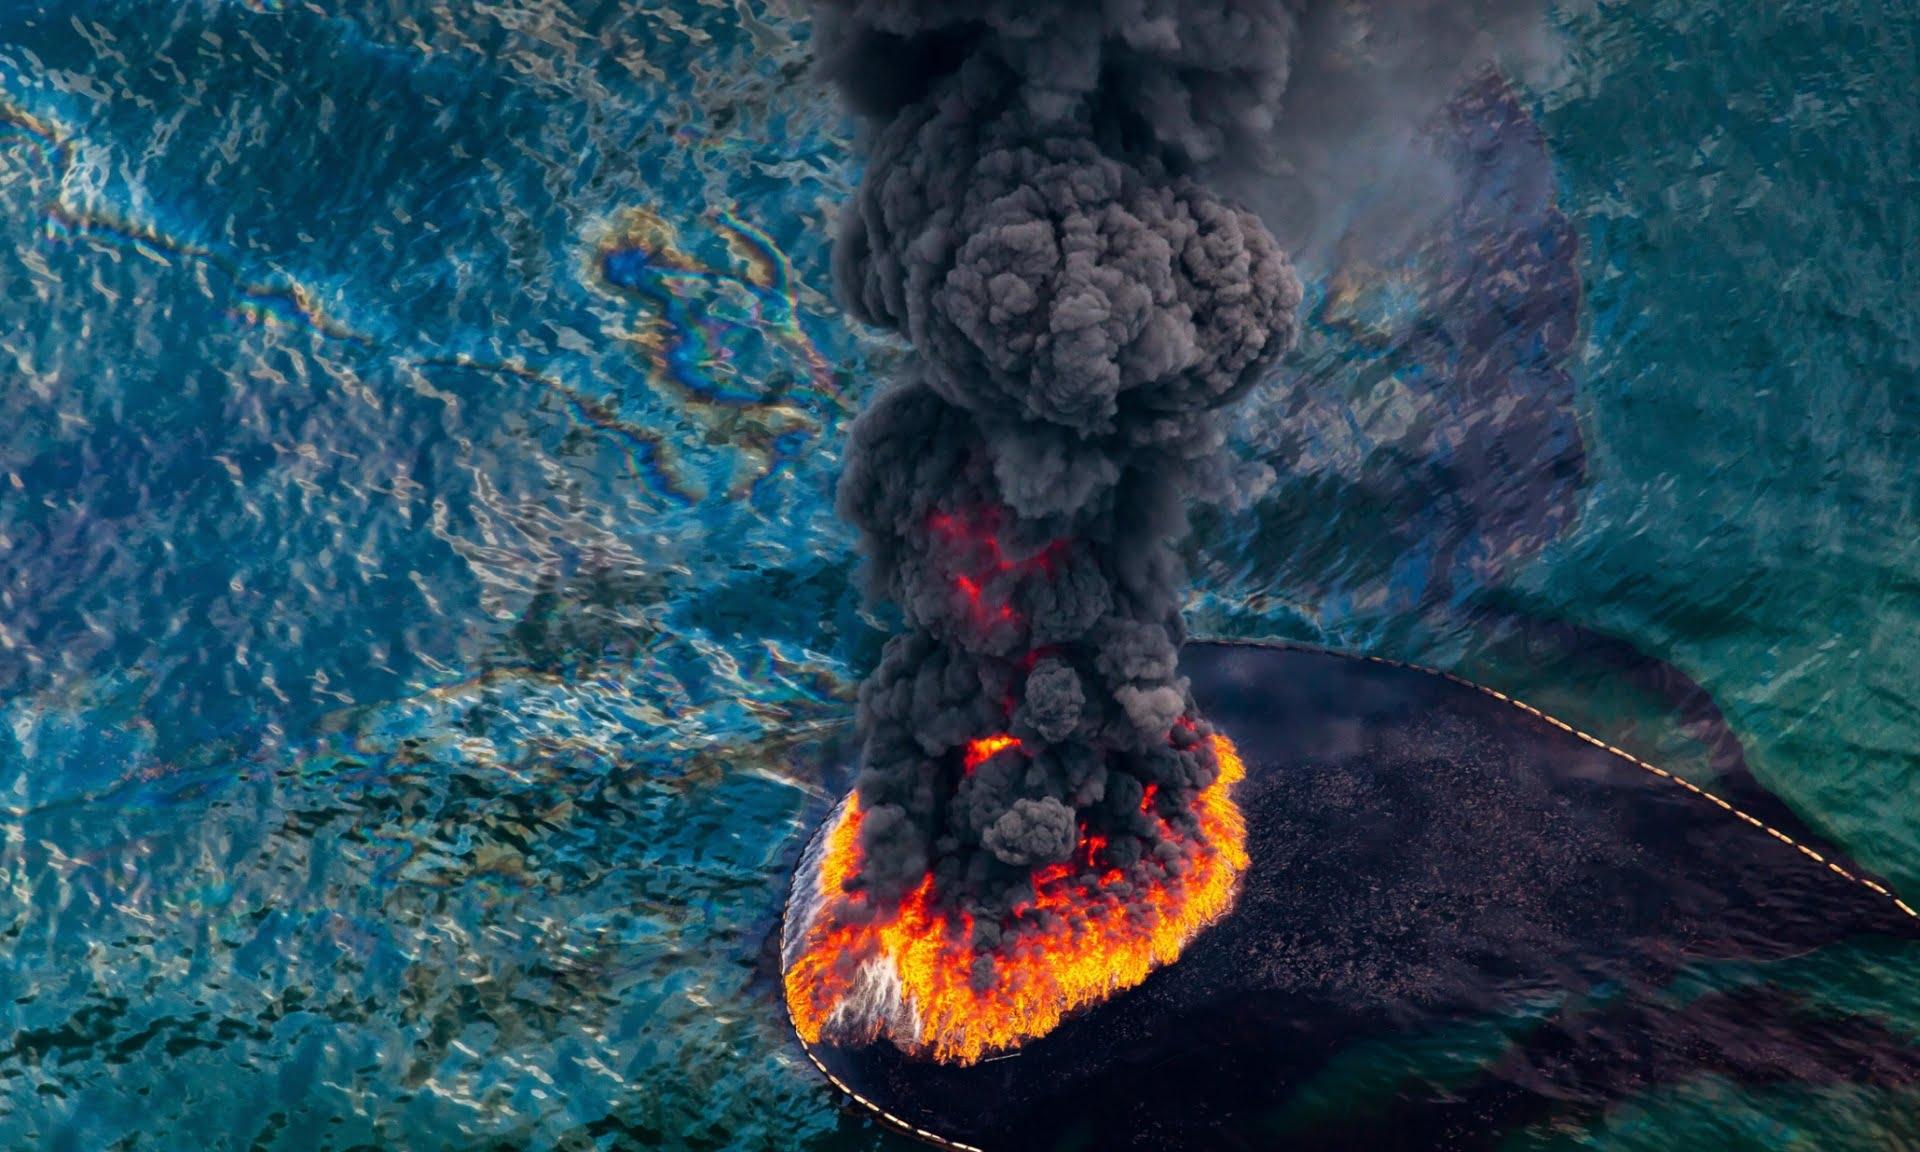 Superpopulação e super consumismo, nossa triste realidade, imagem de oceano em chamas